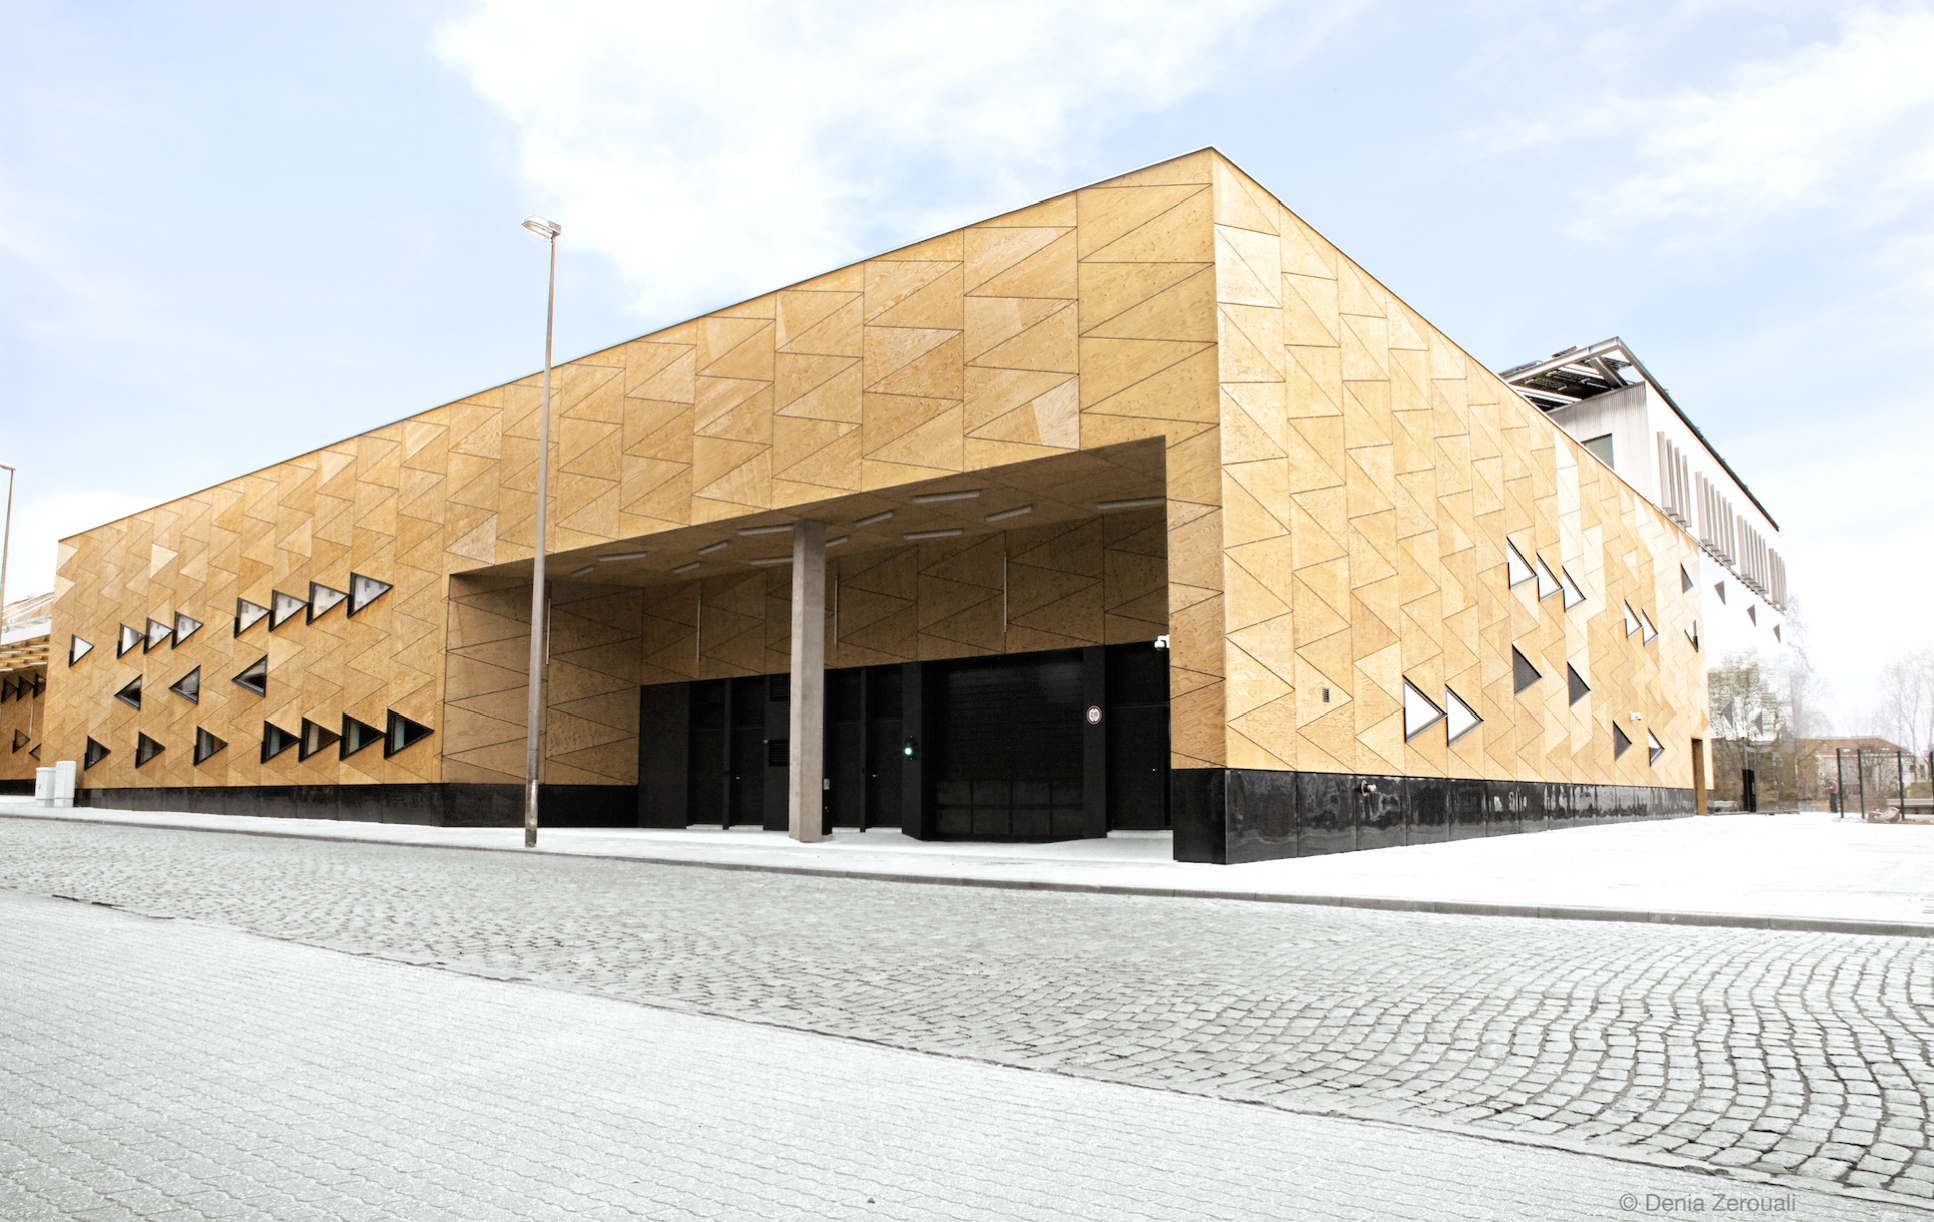 A Laeken, Greenbizz, Greenbizz. Signes particuliers? C'est le premier incubateur bruxellois à disposer d'ateliers de production.